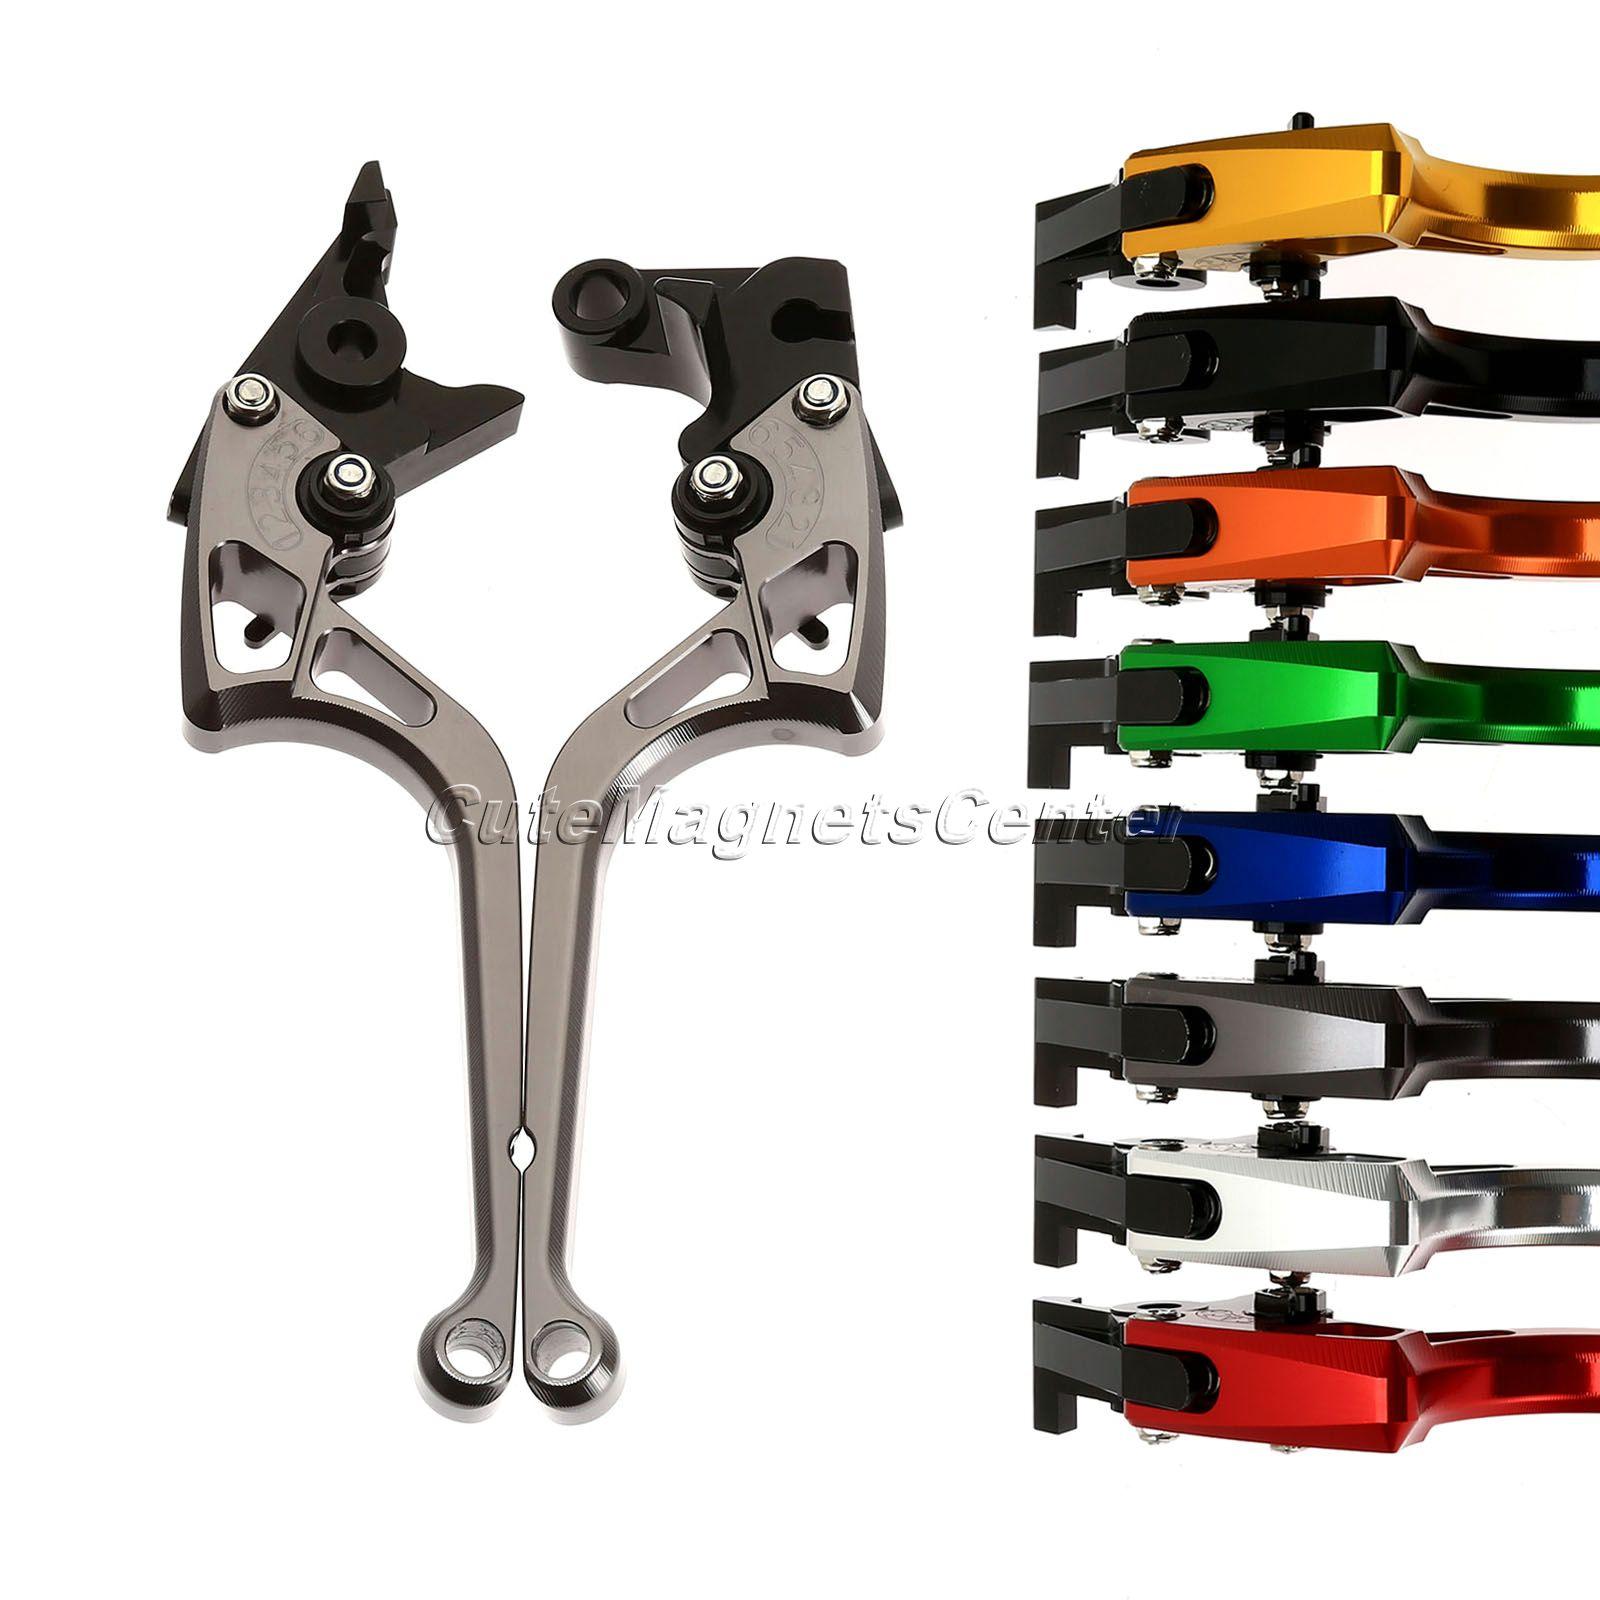 Motorbike Adjustable CNC Brakes Clutch Levers for KTM 1290 Super Duke R 2014-2015 990 SuperDuke 2005-2012 690 Duke 2008-2011 ergonomic new cnc adjustable right angled 170mm brake clutch levers for ktm 1290 super duke r 2014